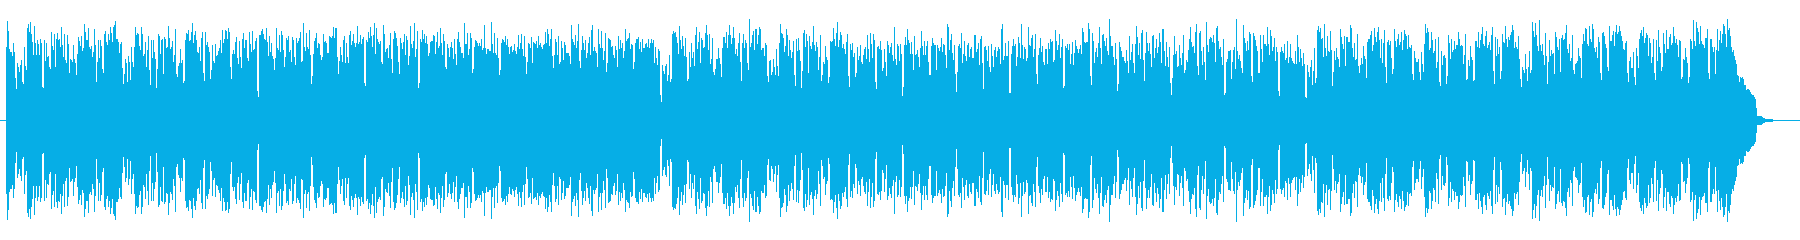 ポップで軽快で優しいピアノサウンドの再生済みの波形